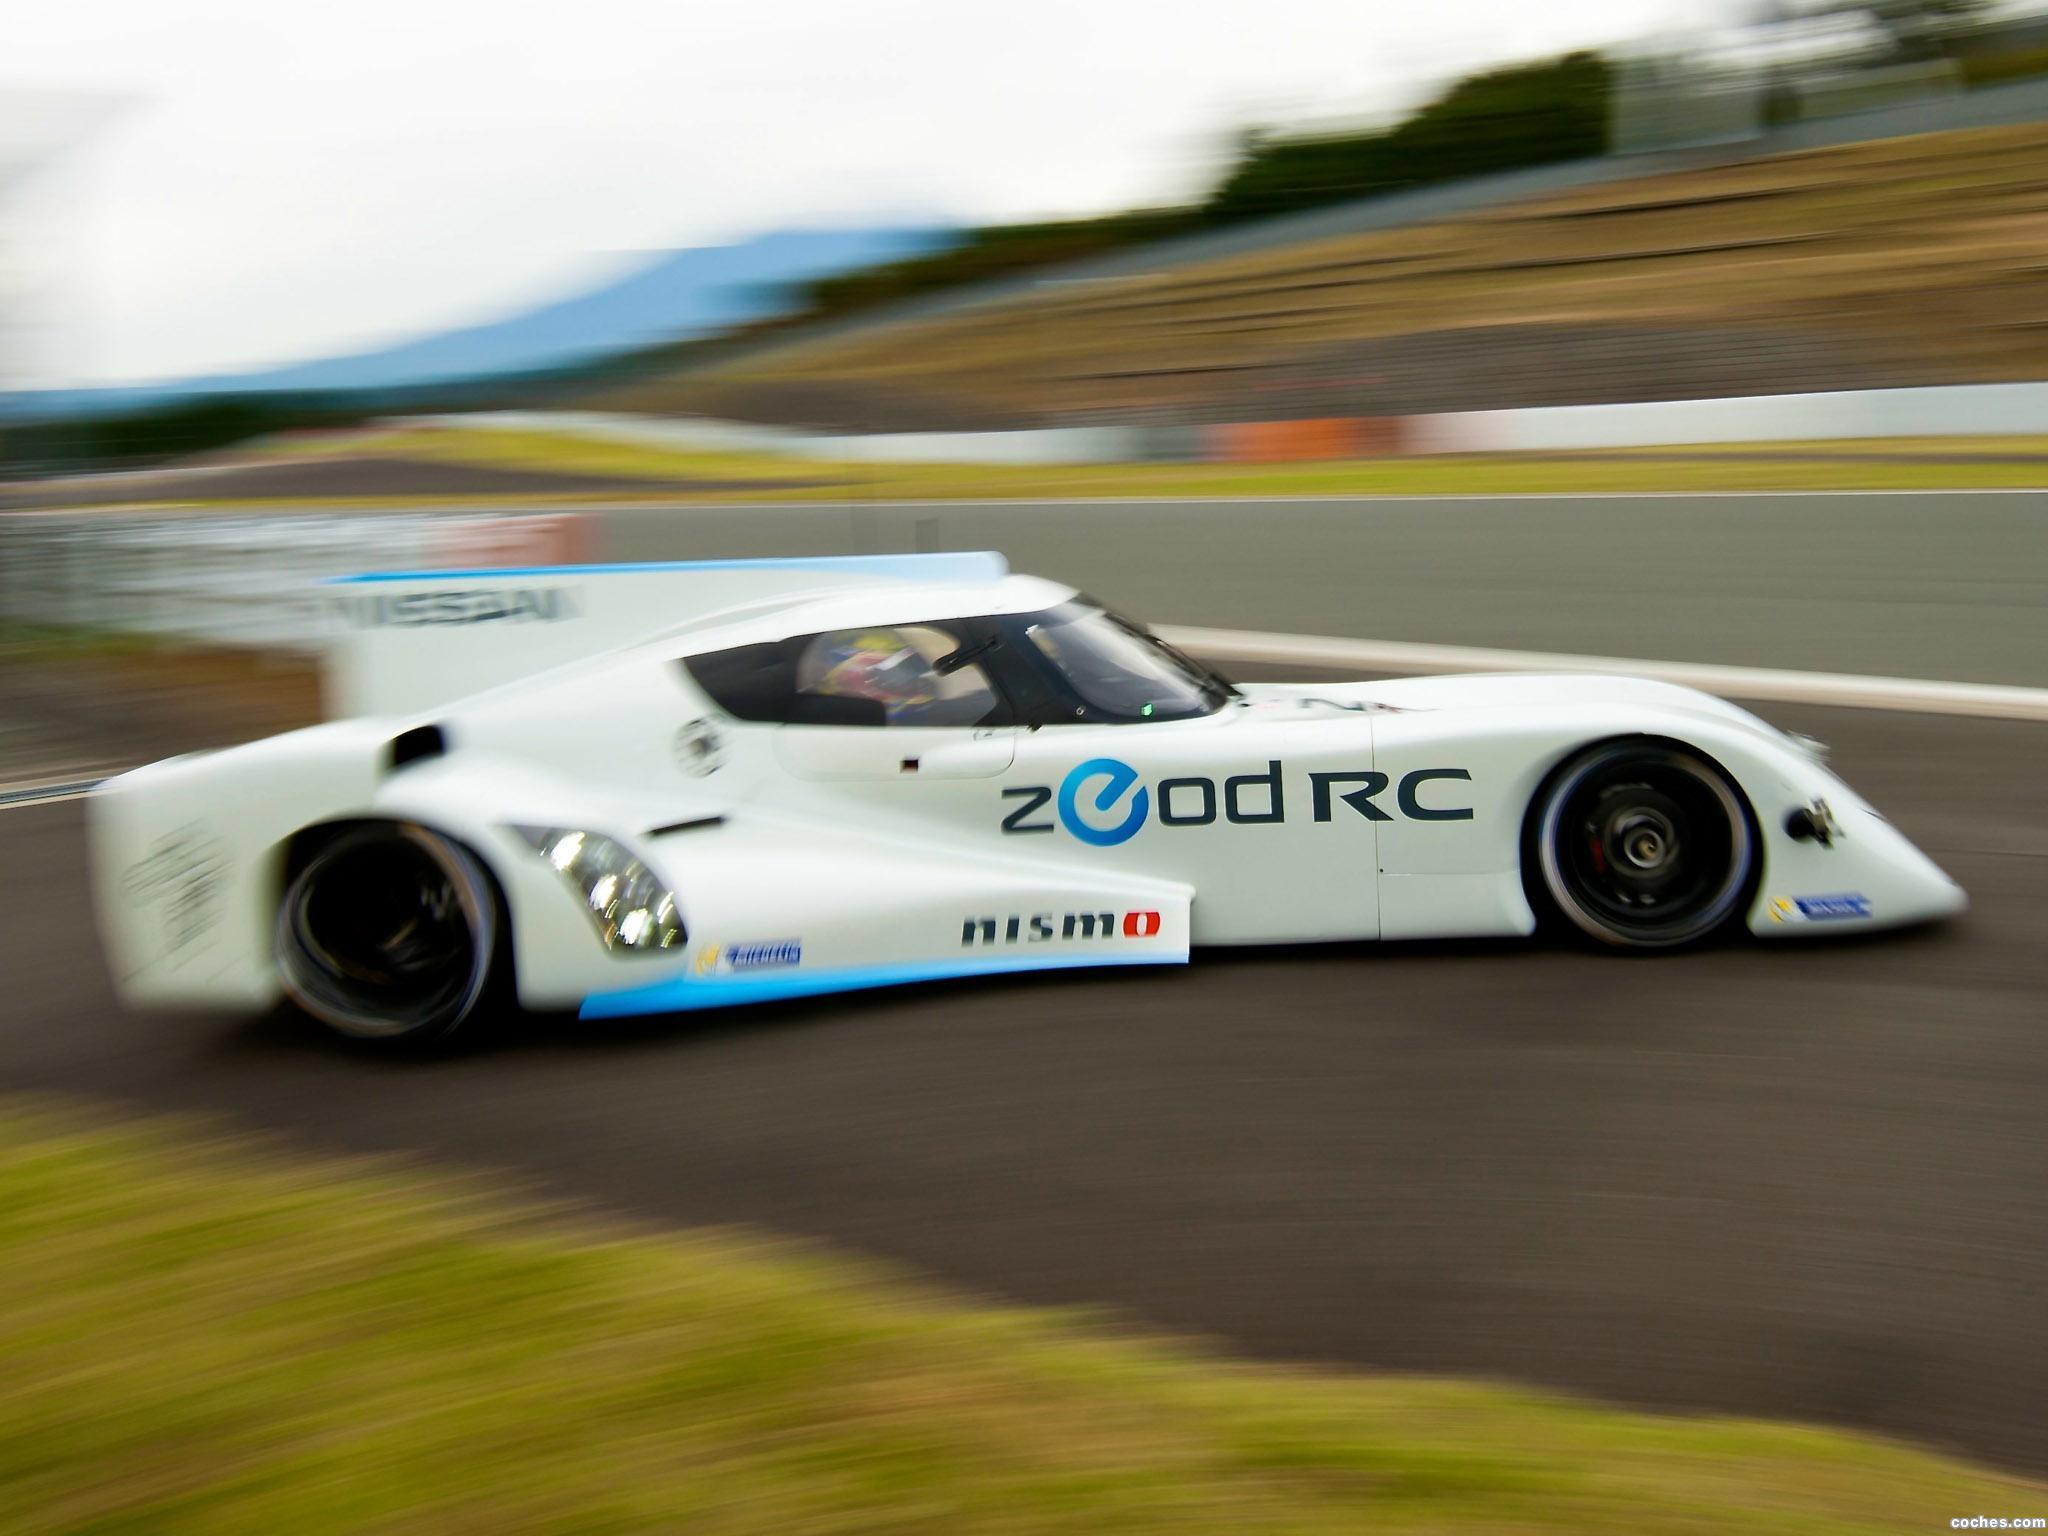 Foto 14 de Nissan ZEOD RC 2014